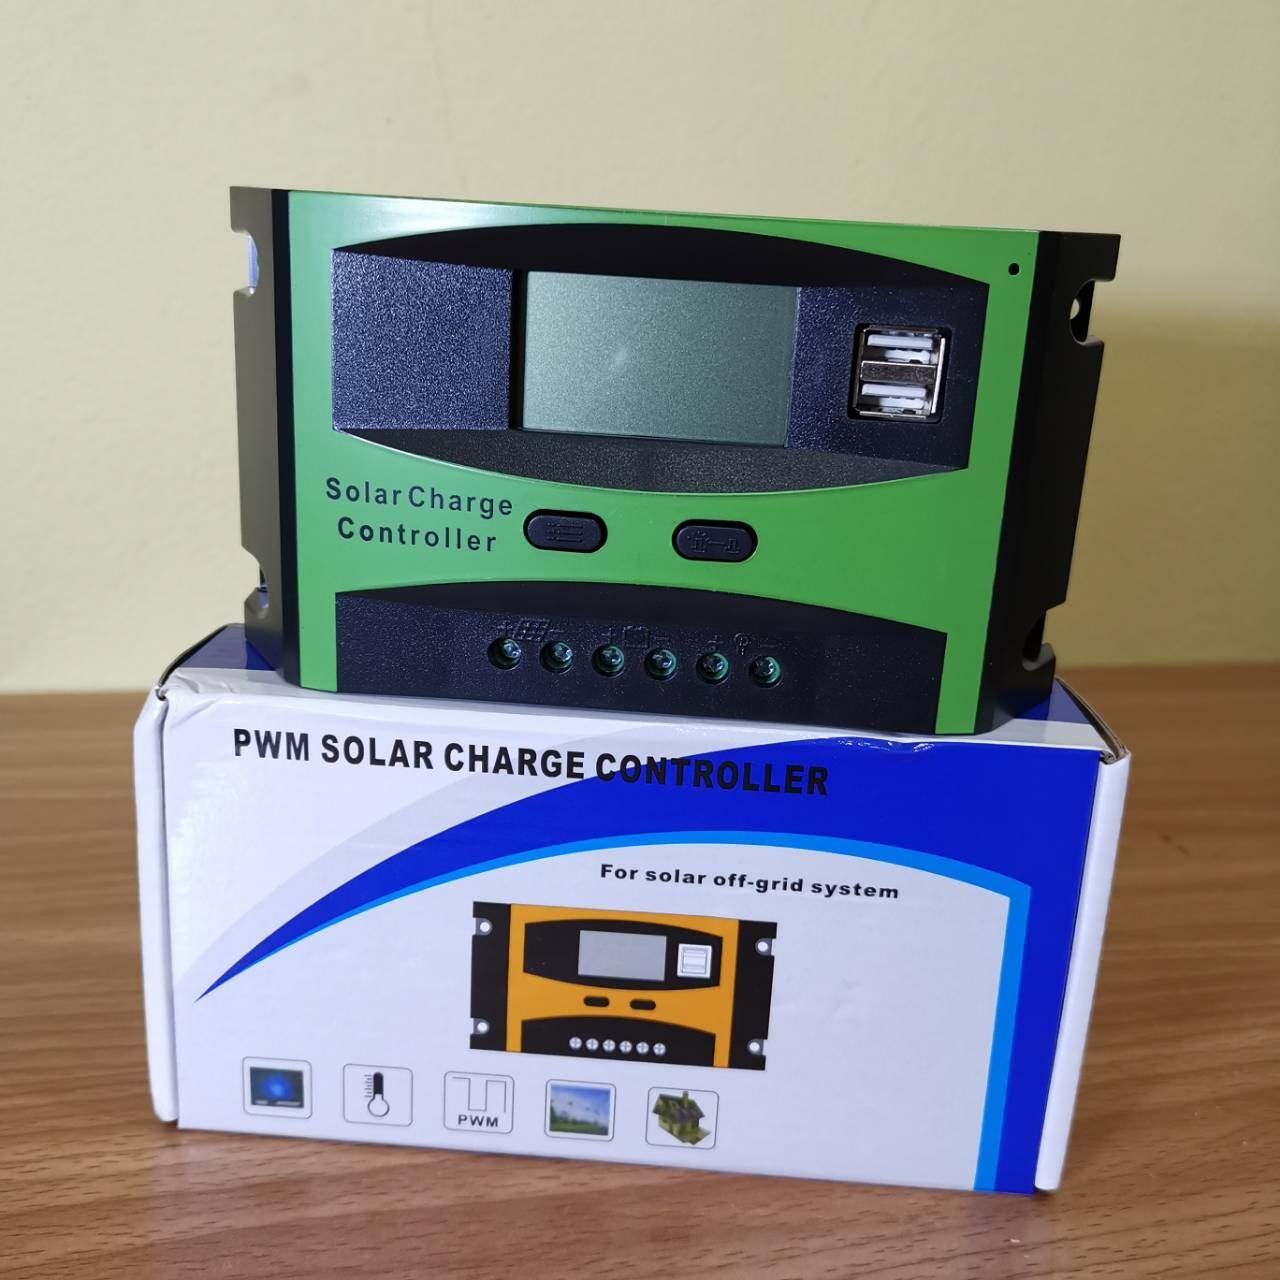 โซล่าร์ชาร์จเจอร์ PWM 30A คอนโทรลเลอร์การชาร์จ 12v24v solar charge controller สำหรับใช้ชาร์จไฟแบตเตอรี่จากแผงโซล่าร์เซลล์ในระบบ 12v-24v LCD Display USB x 2 ช่อง